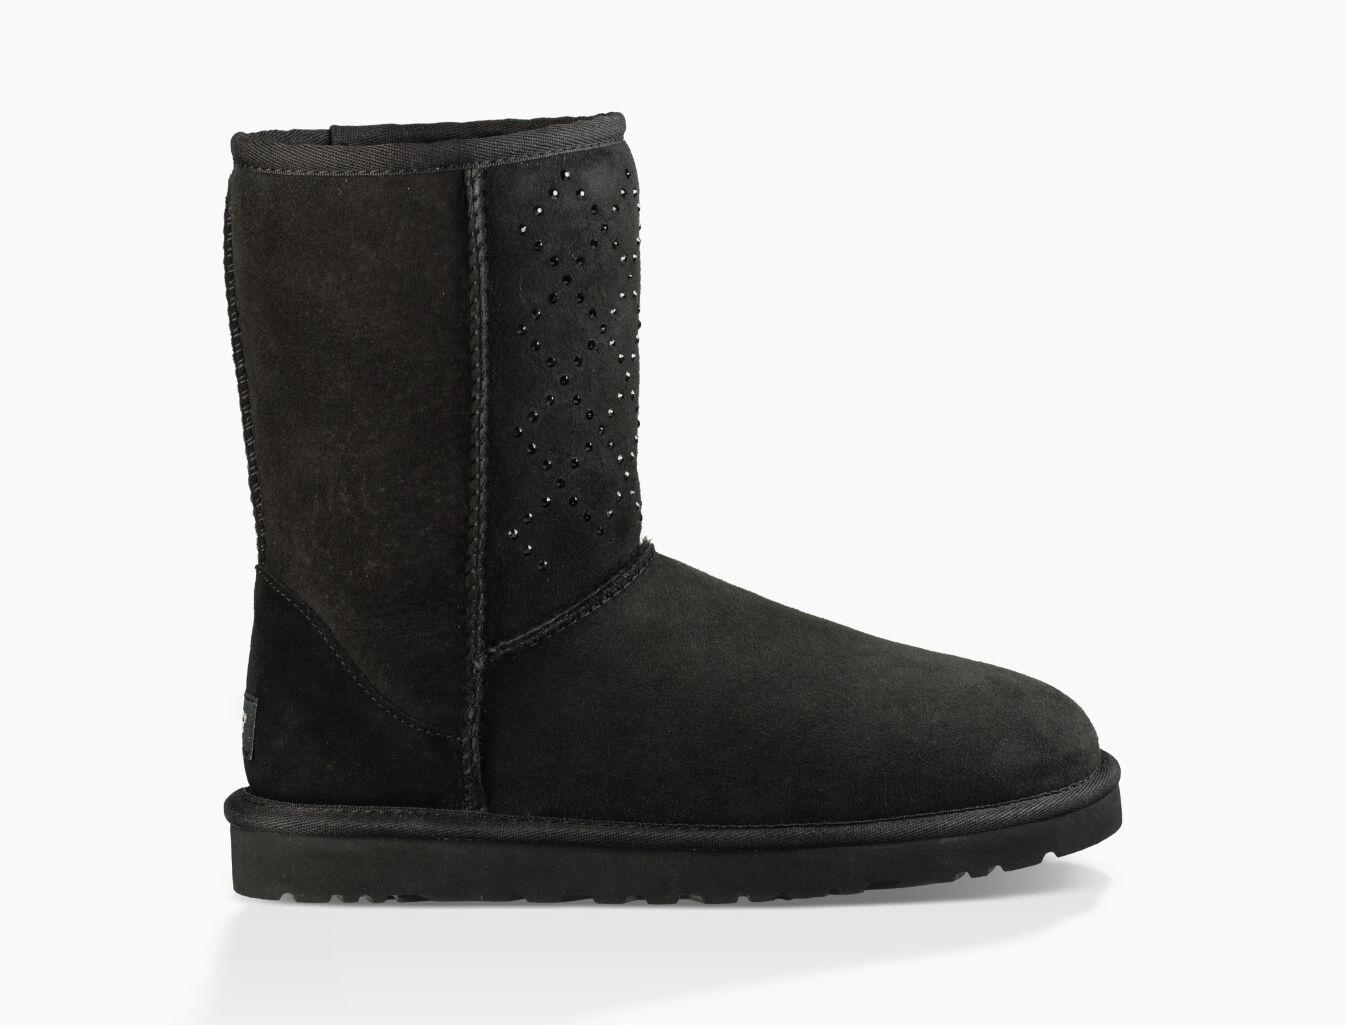 crystal ugg boots uk